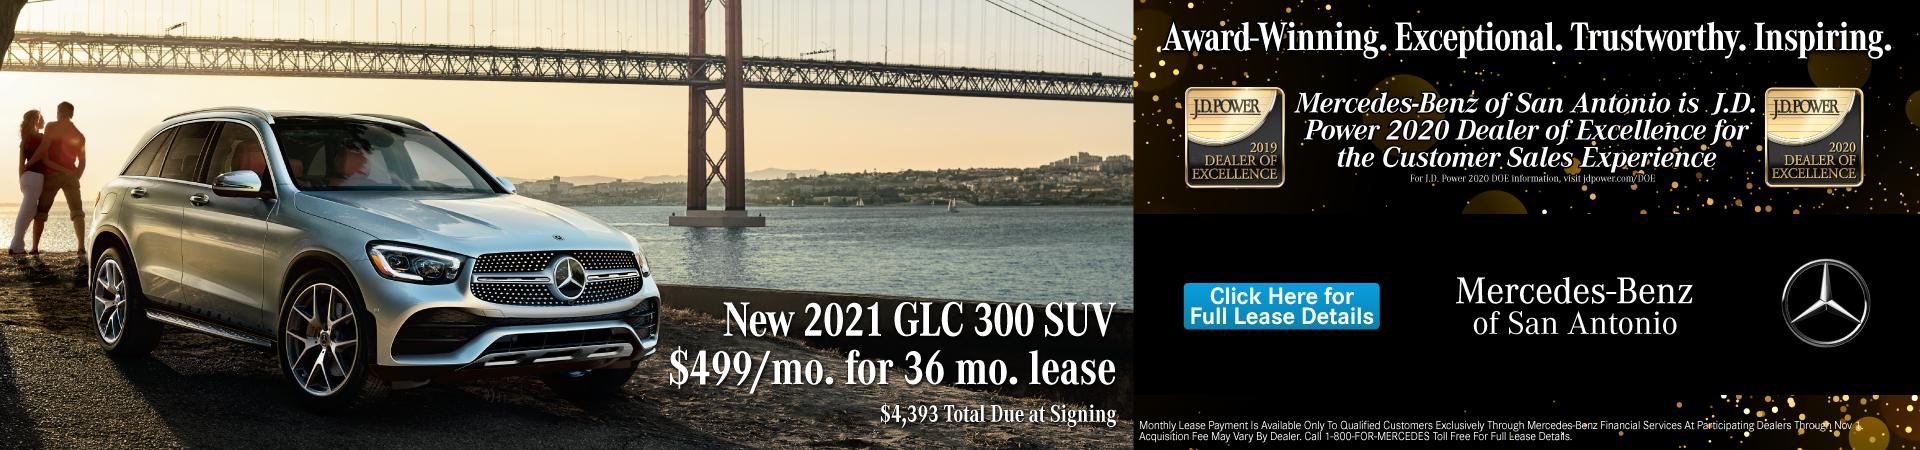 2021 GLC 300 SUV